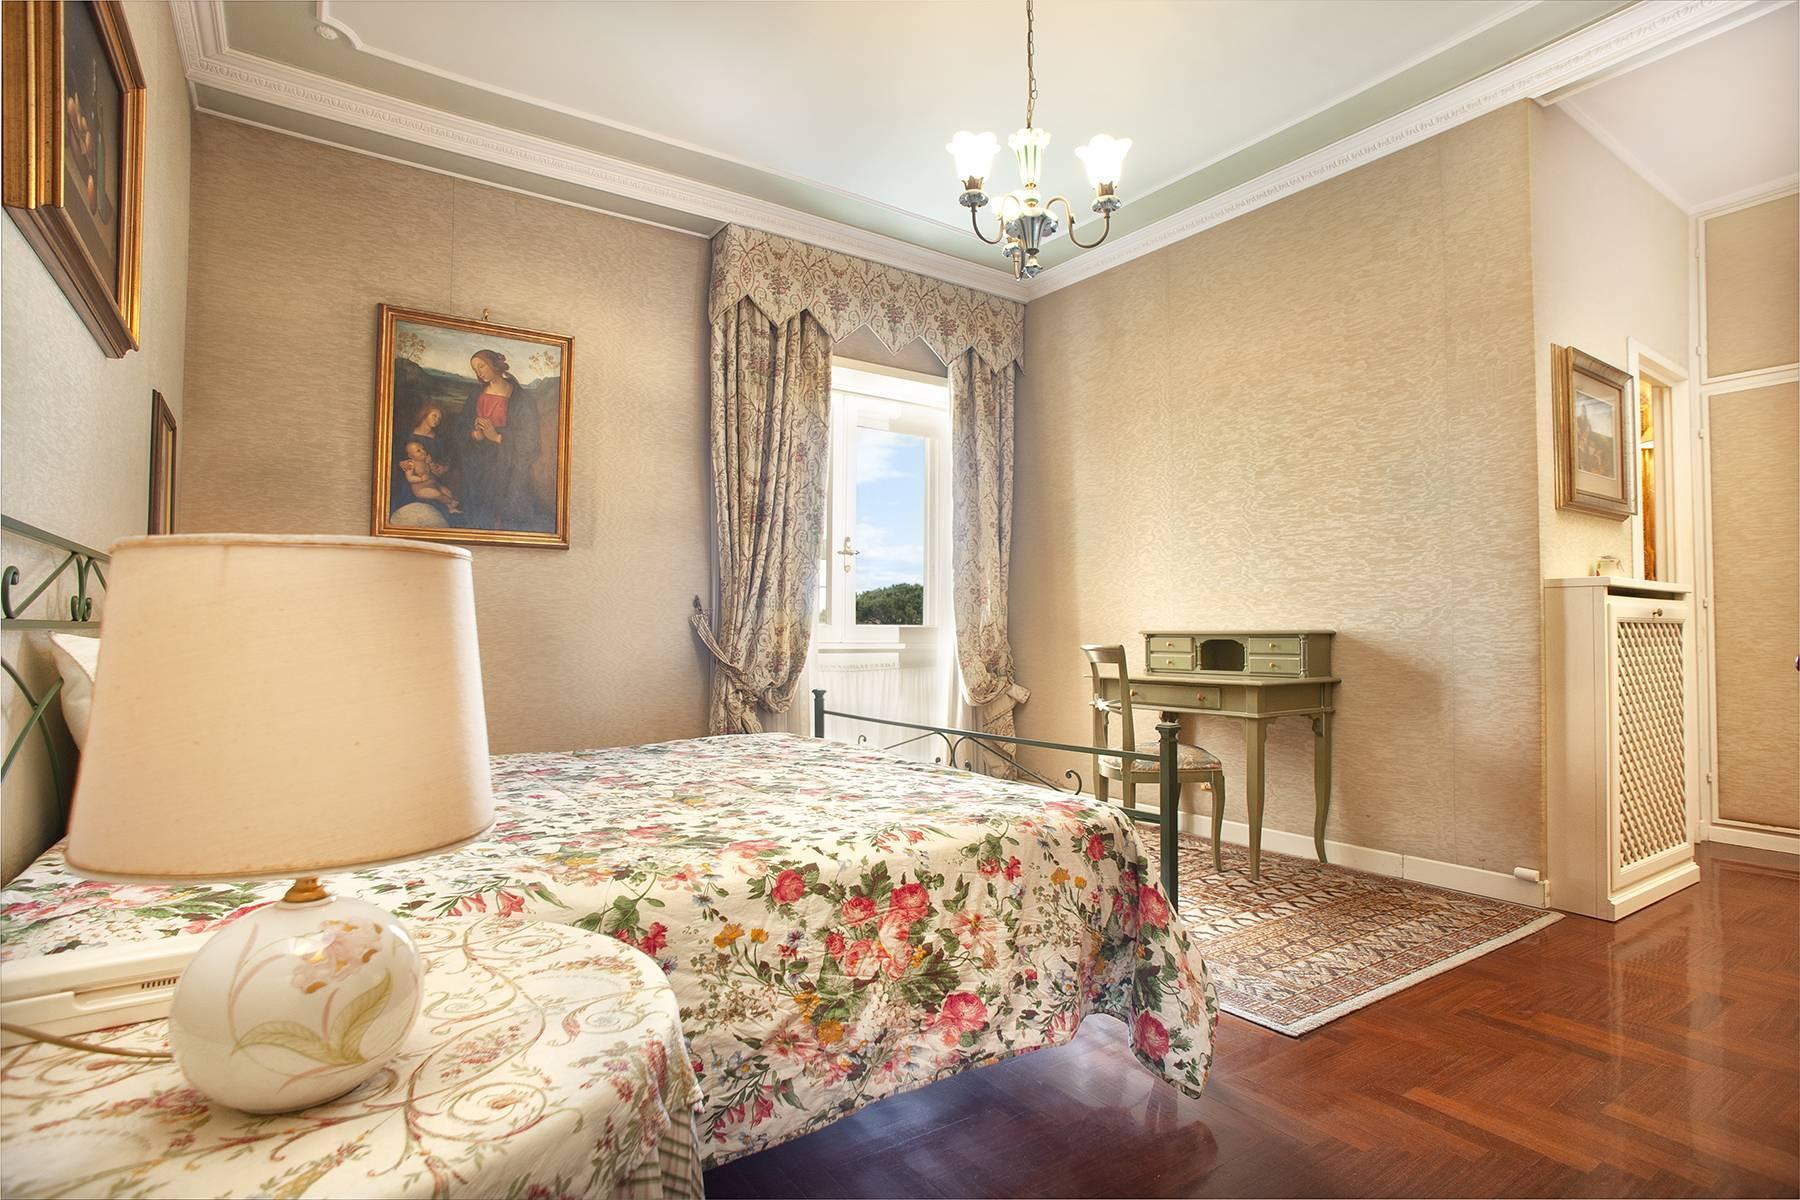 Splendido appartamento a due passi dalla Basilica di San Pietro - 11